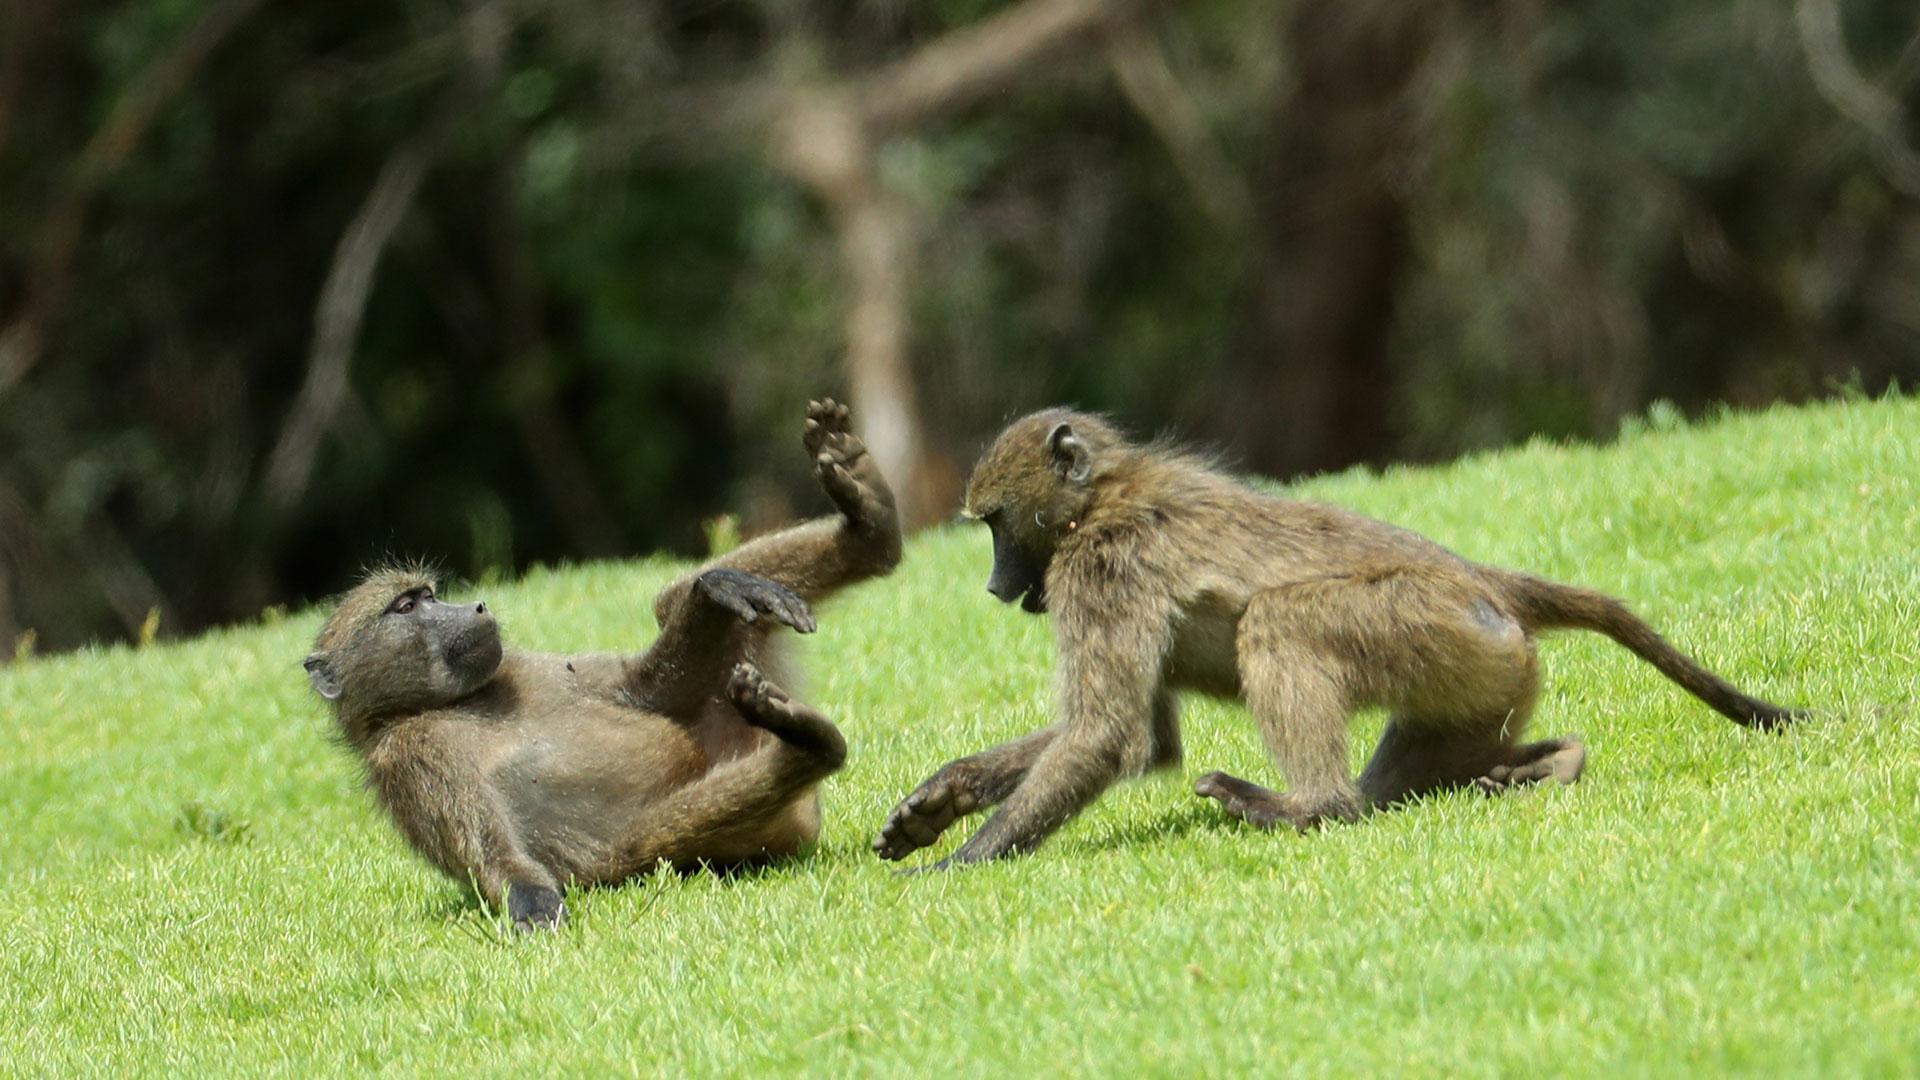 En 2016, una familia de Baboons interrumpió el juego